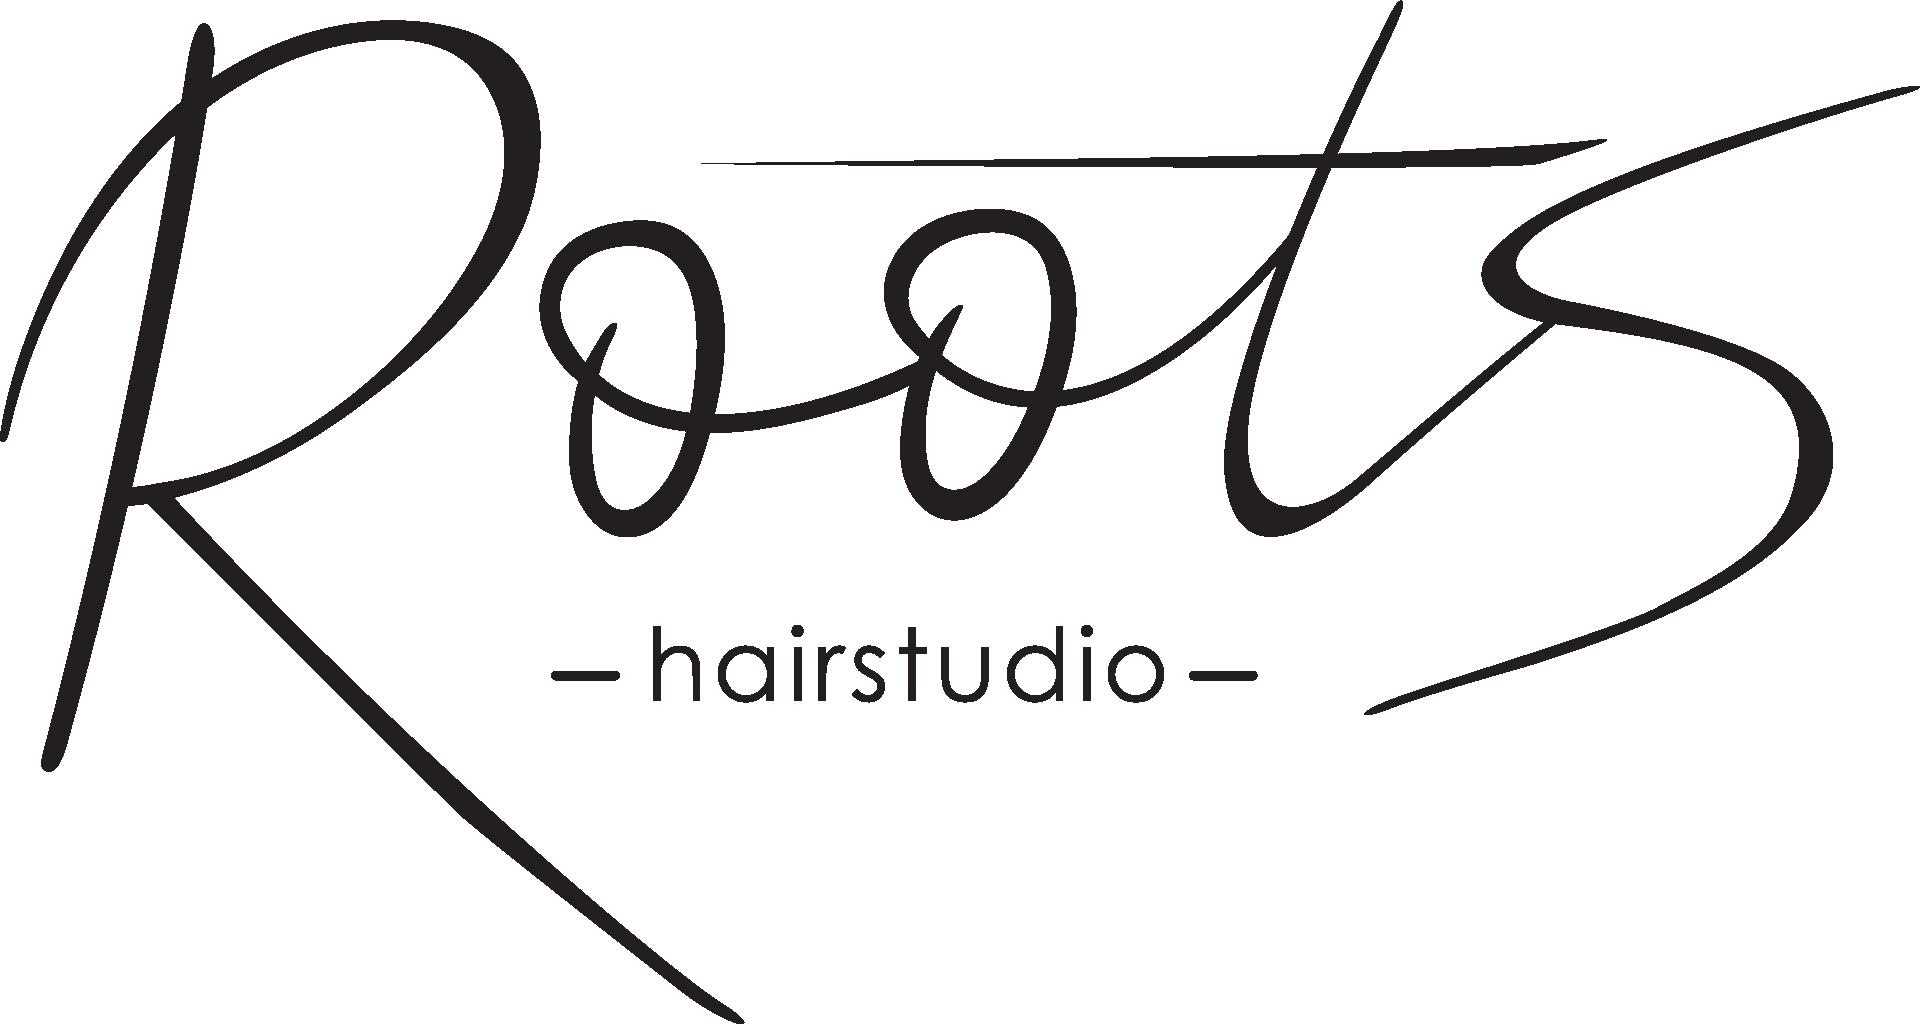 Roots hairstudio